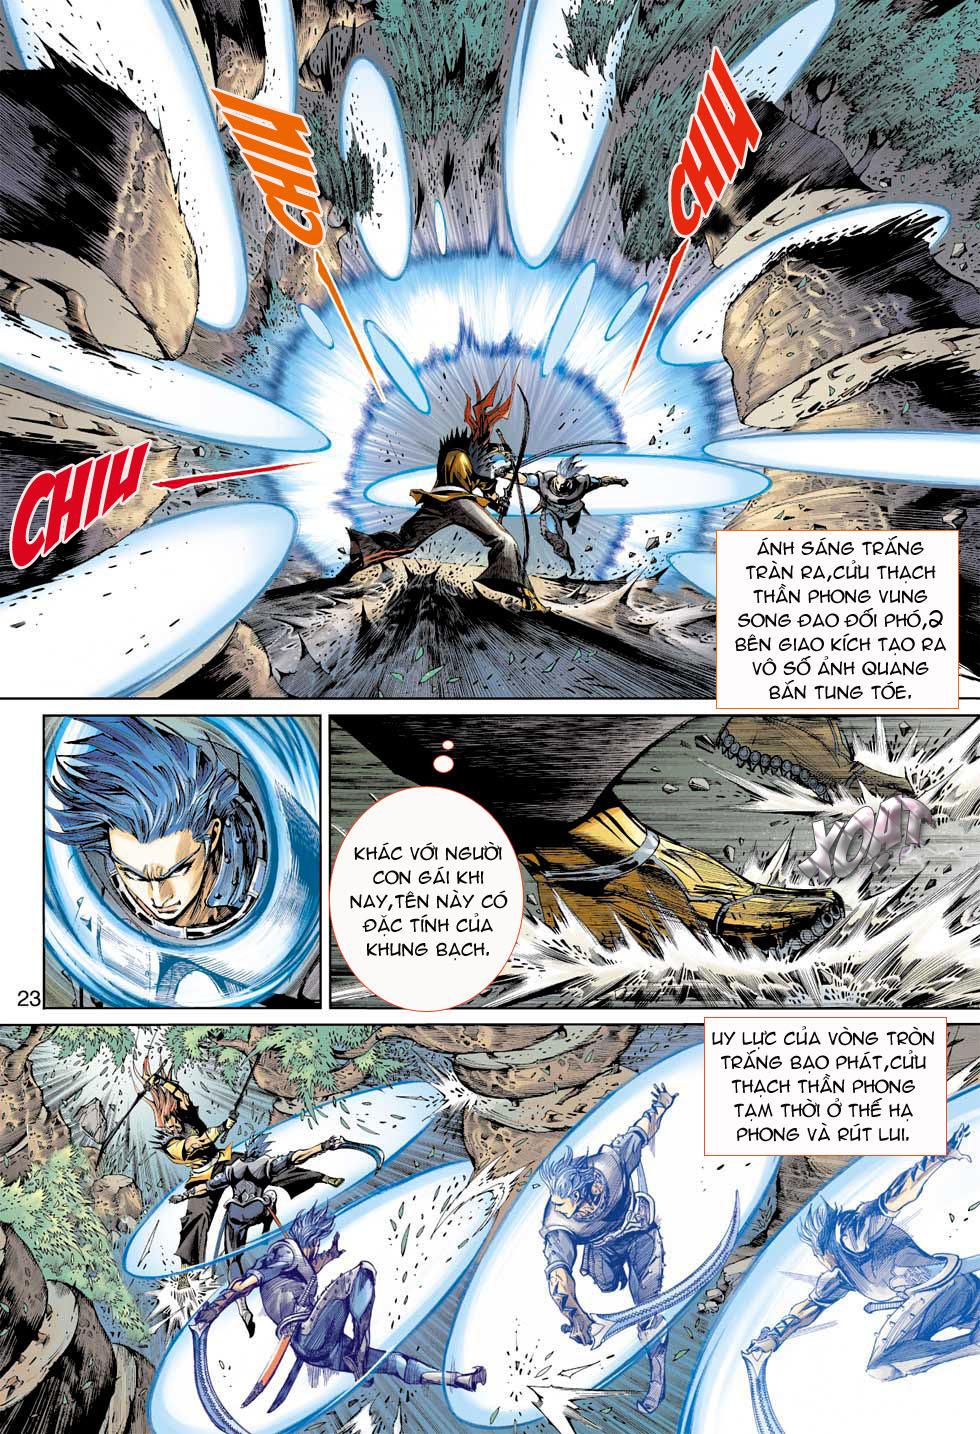 Thần Binh 4 chap 7 - Trang 23